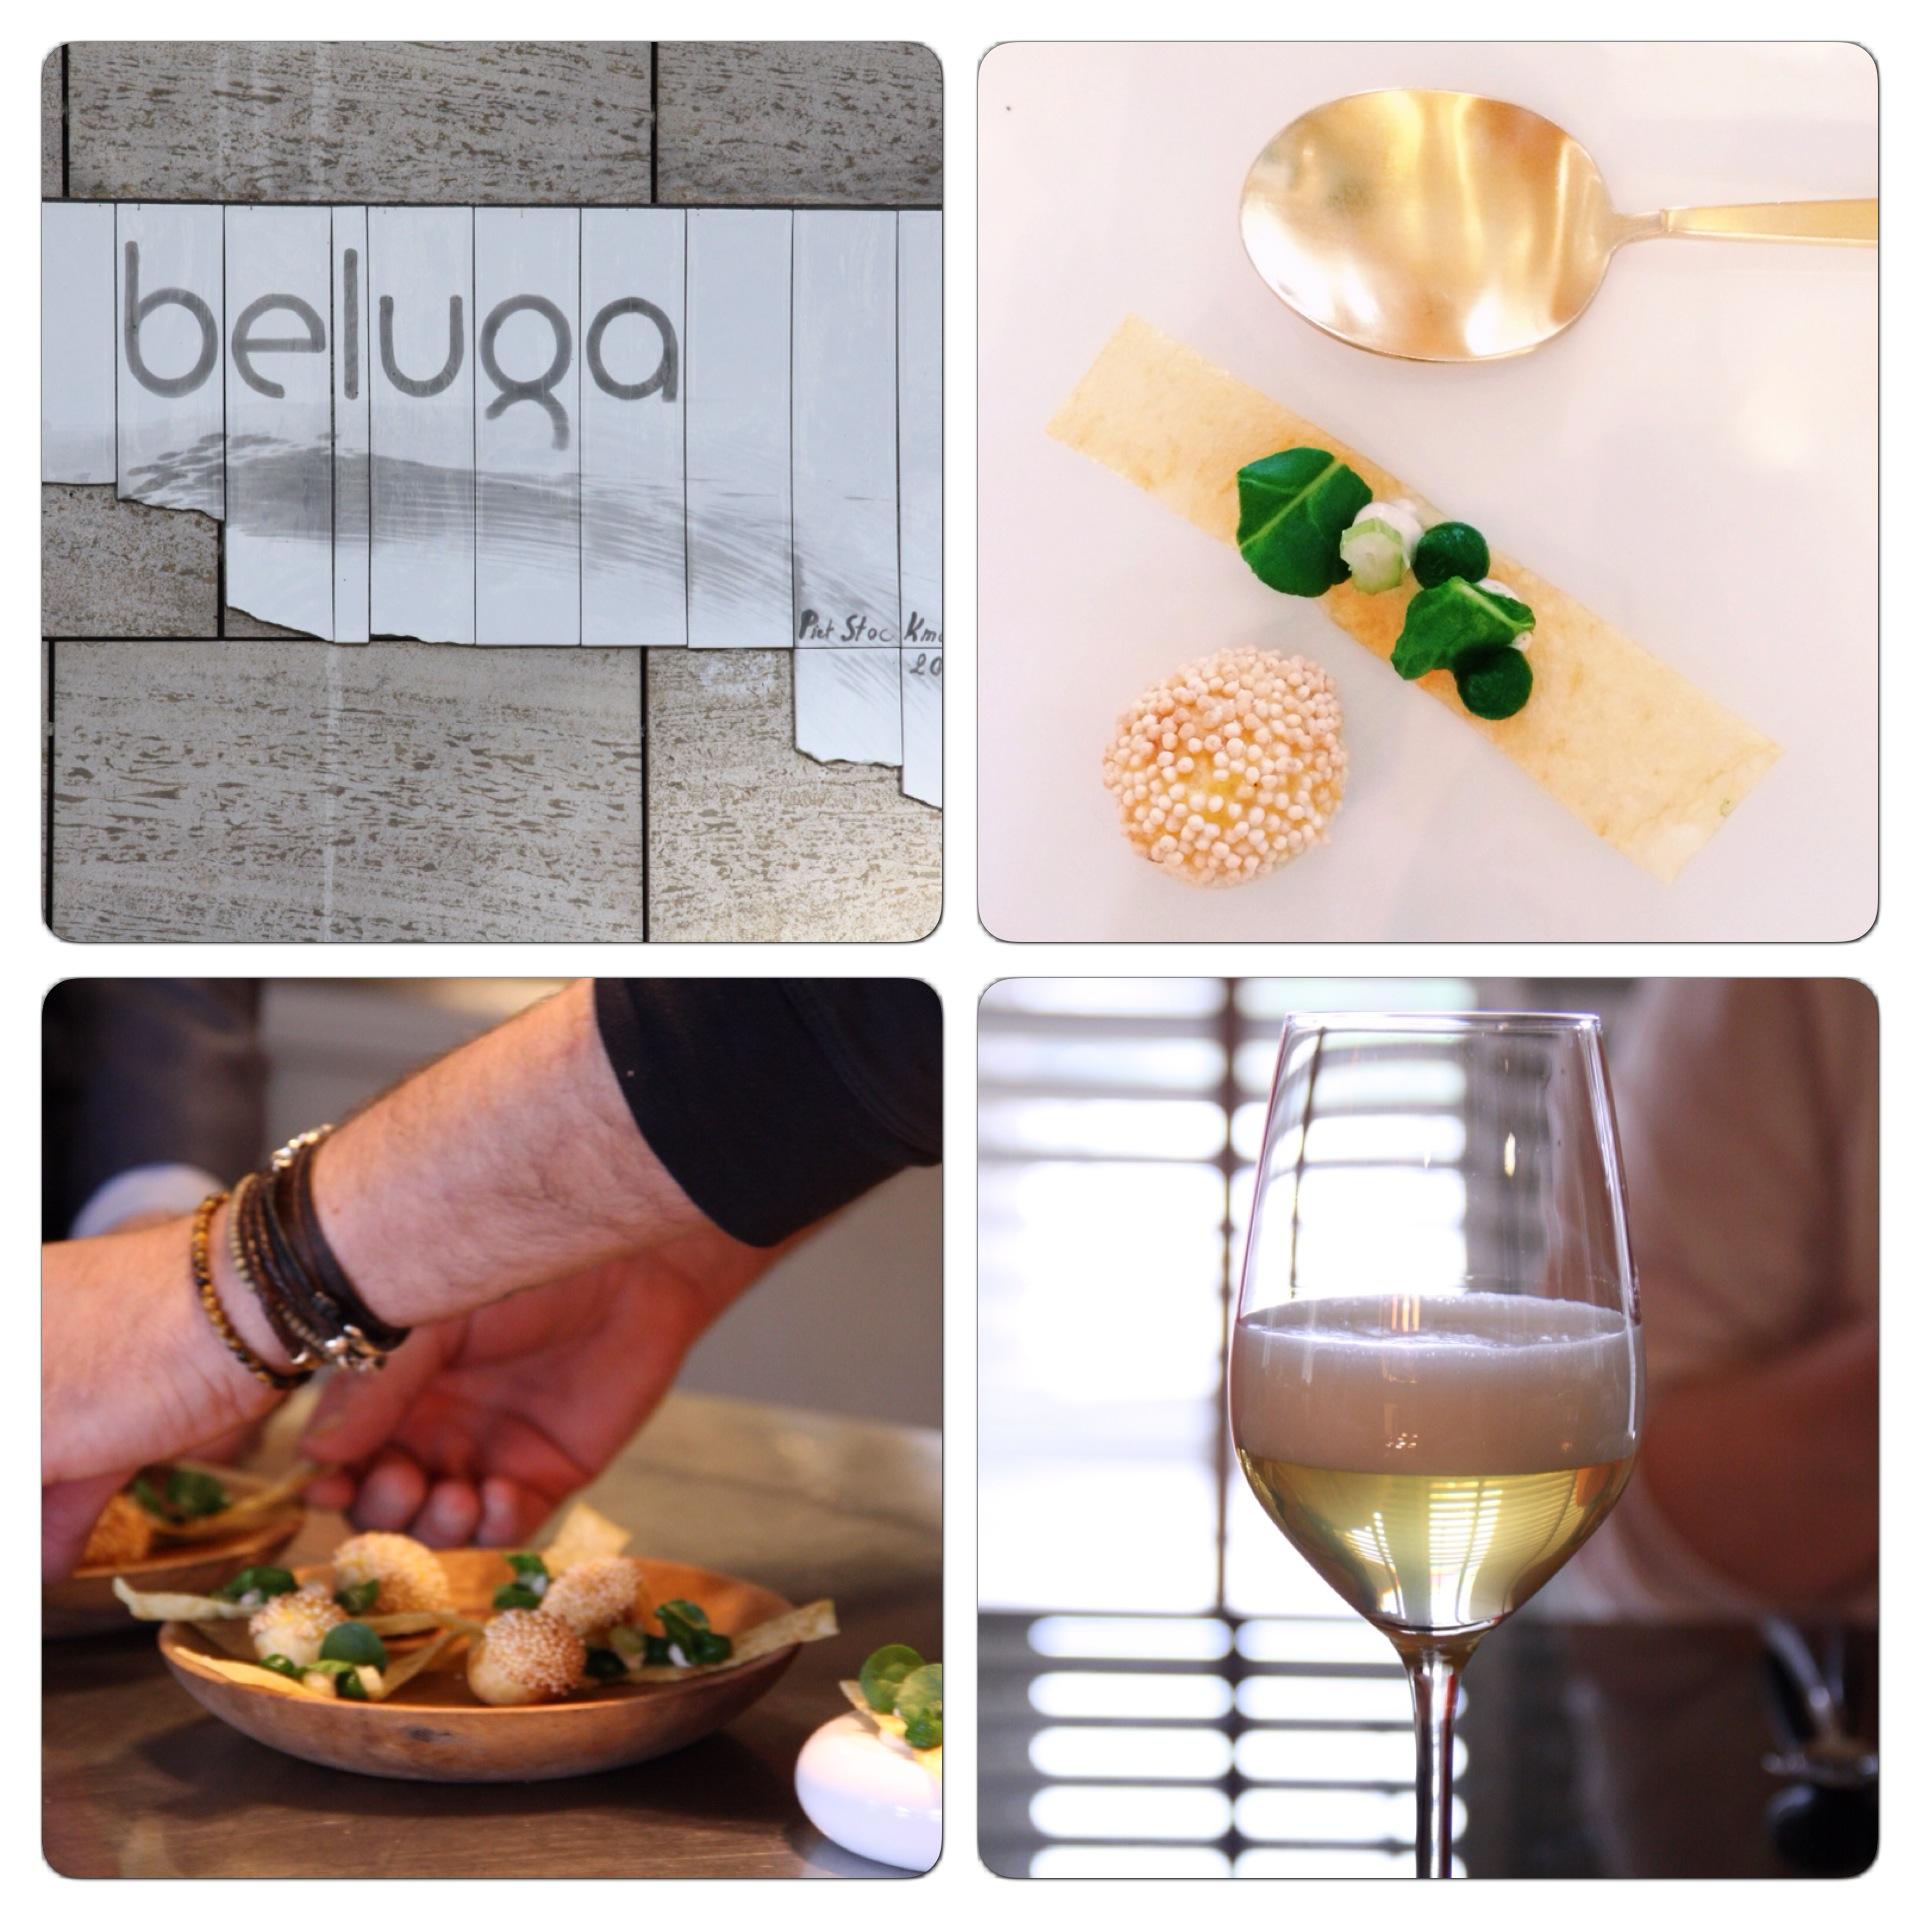 IMG 9659 - Food We Love box: de Beluga editie